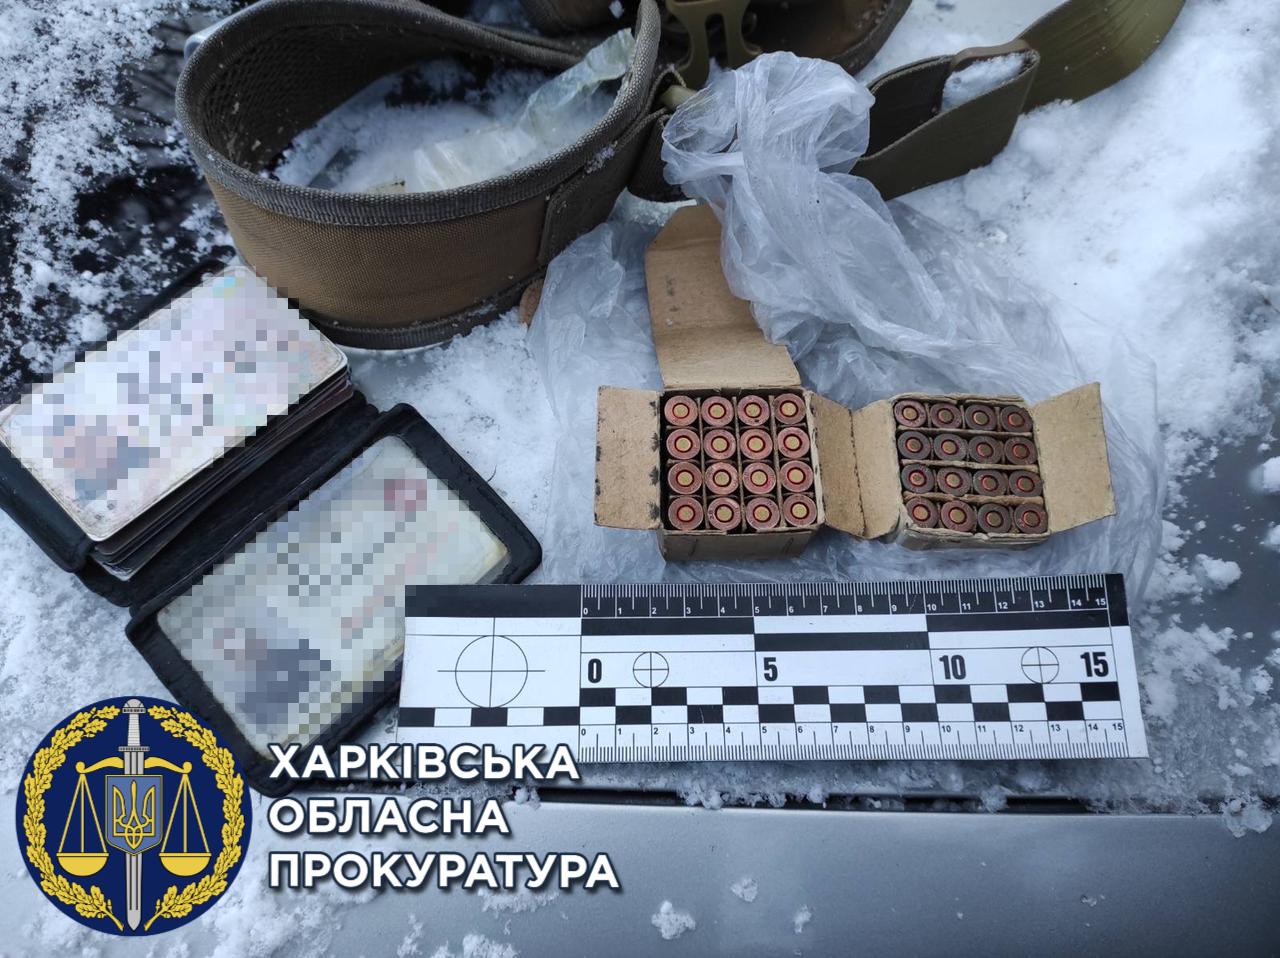 Харьковского полицейского подозревают в незаконном ношении боевых патронов (фото)